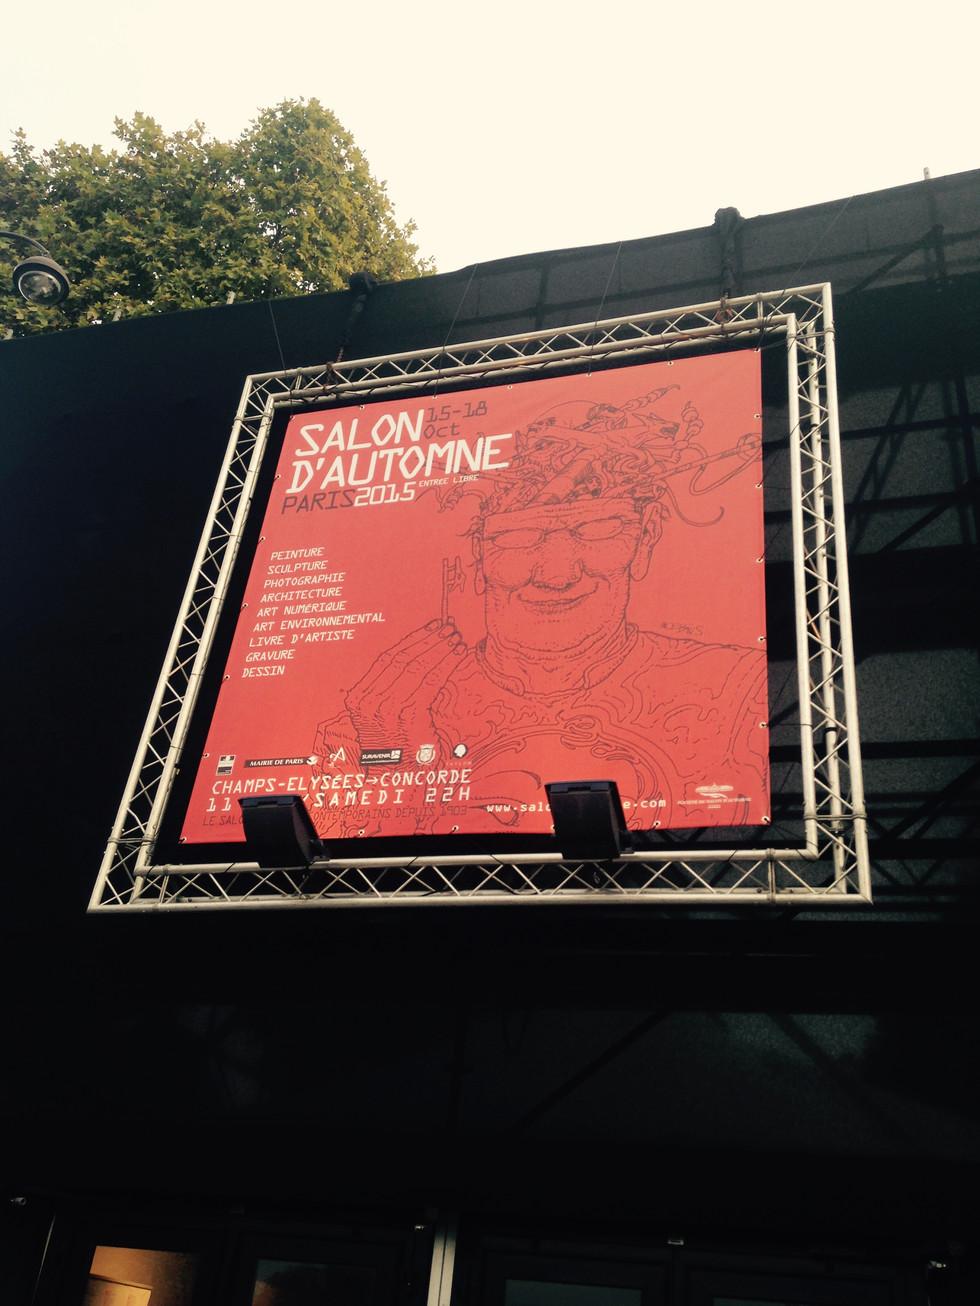 Salon d'Automne |  2015